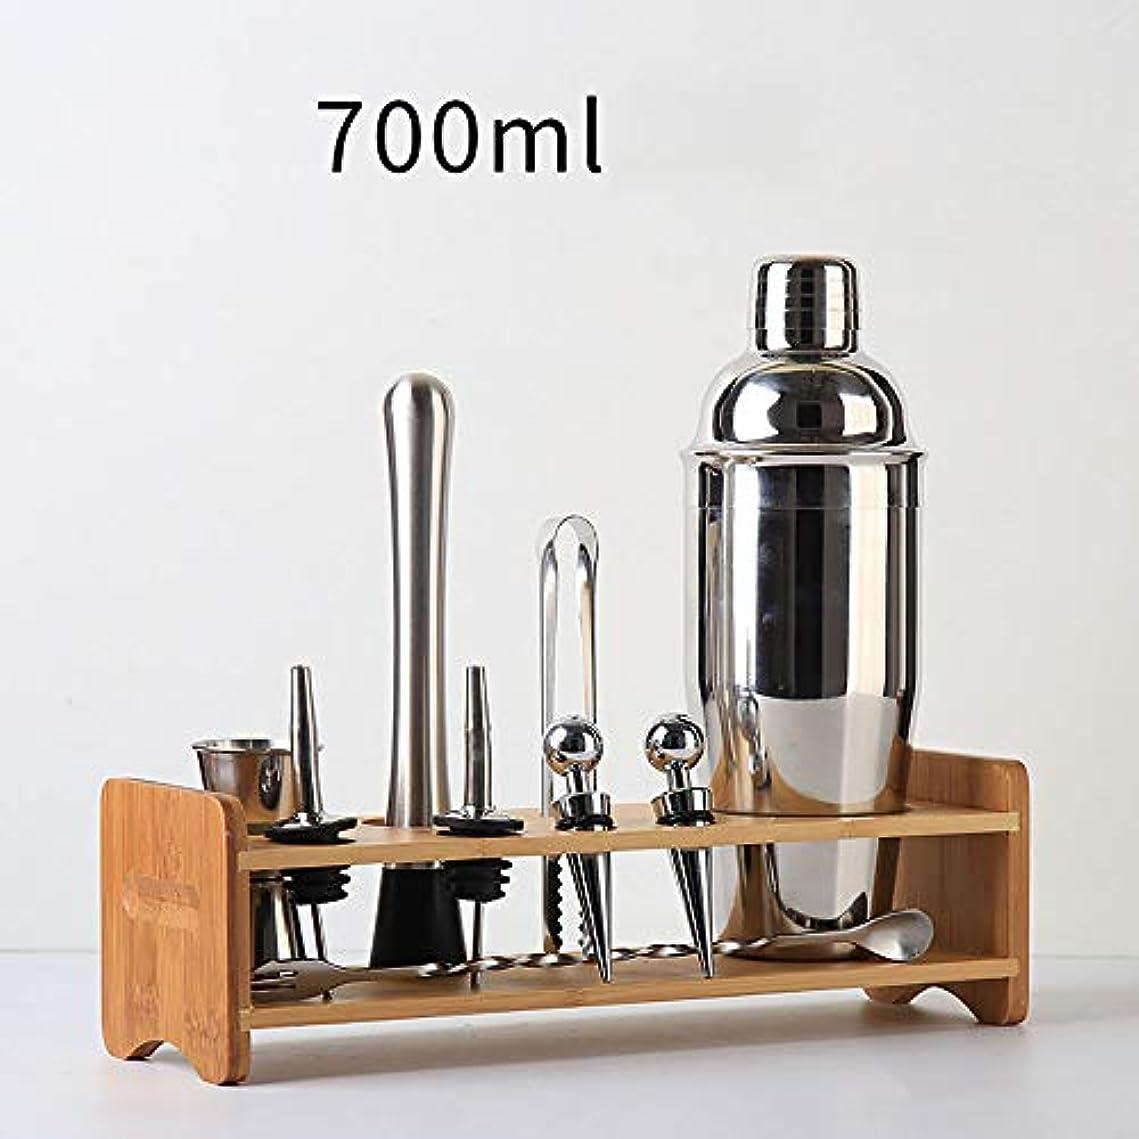 忌避剤ブランド名ヘッドレスShike Cup Cocktail Shaker、ステンレススチールハンドシェイクシェーカー、Tea Shop Xueke Pot Bar Tool Set、Beverage Mix Professional Bartender...